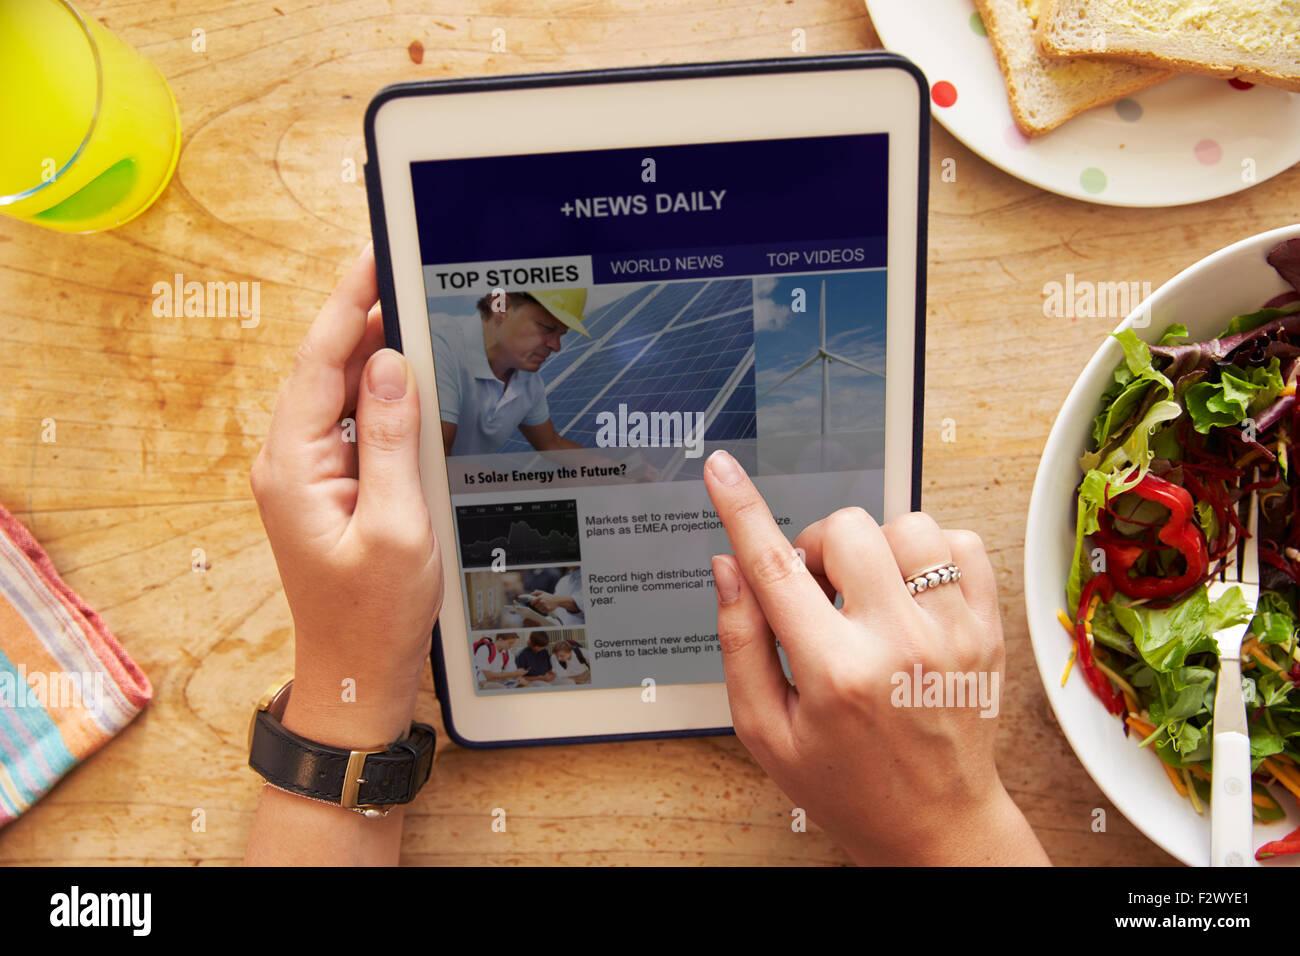 Persona en el almuerzo Mirando Noticias App en tableta digital Imagen De Stock